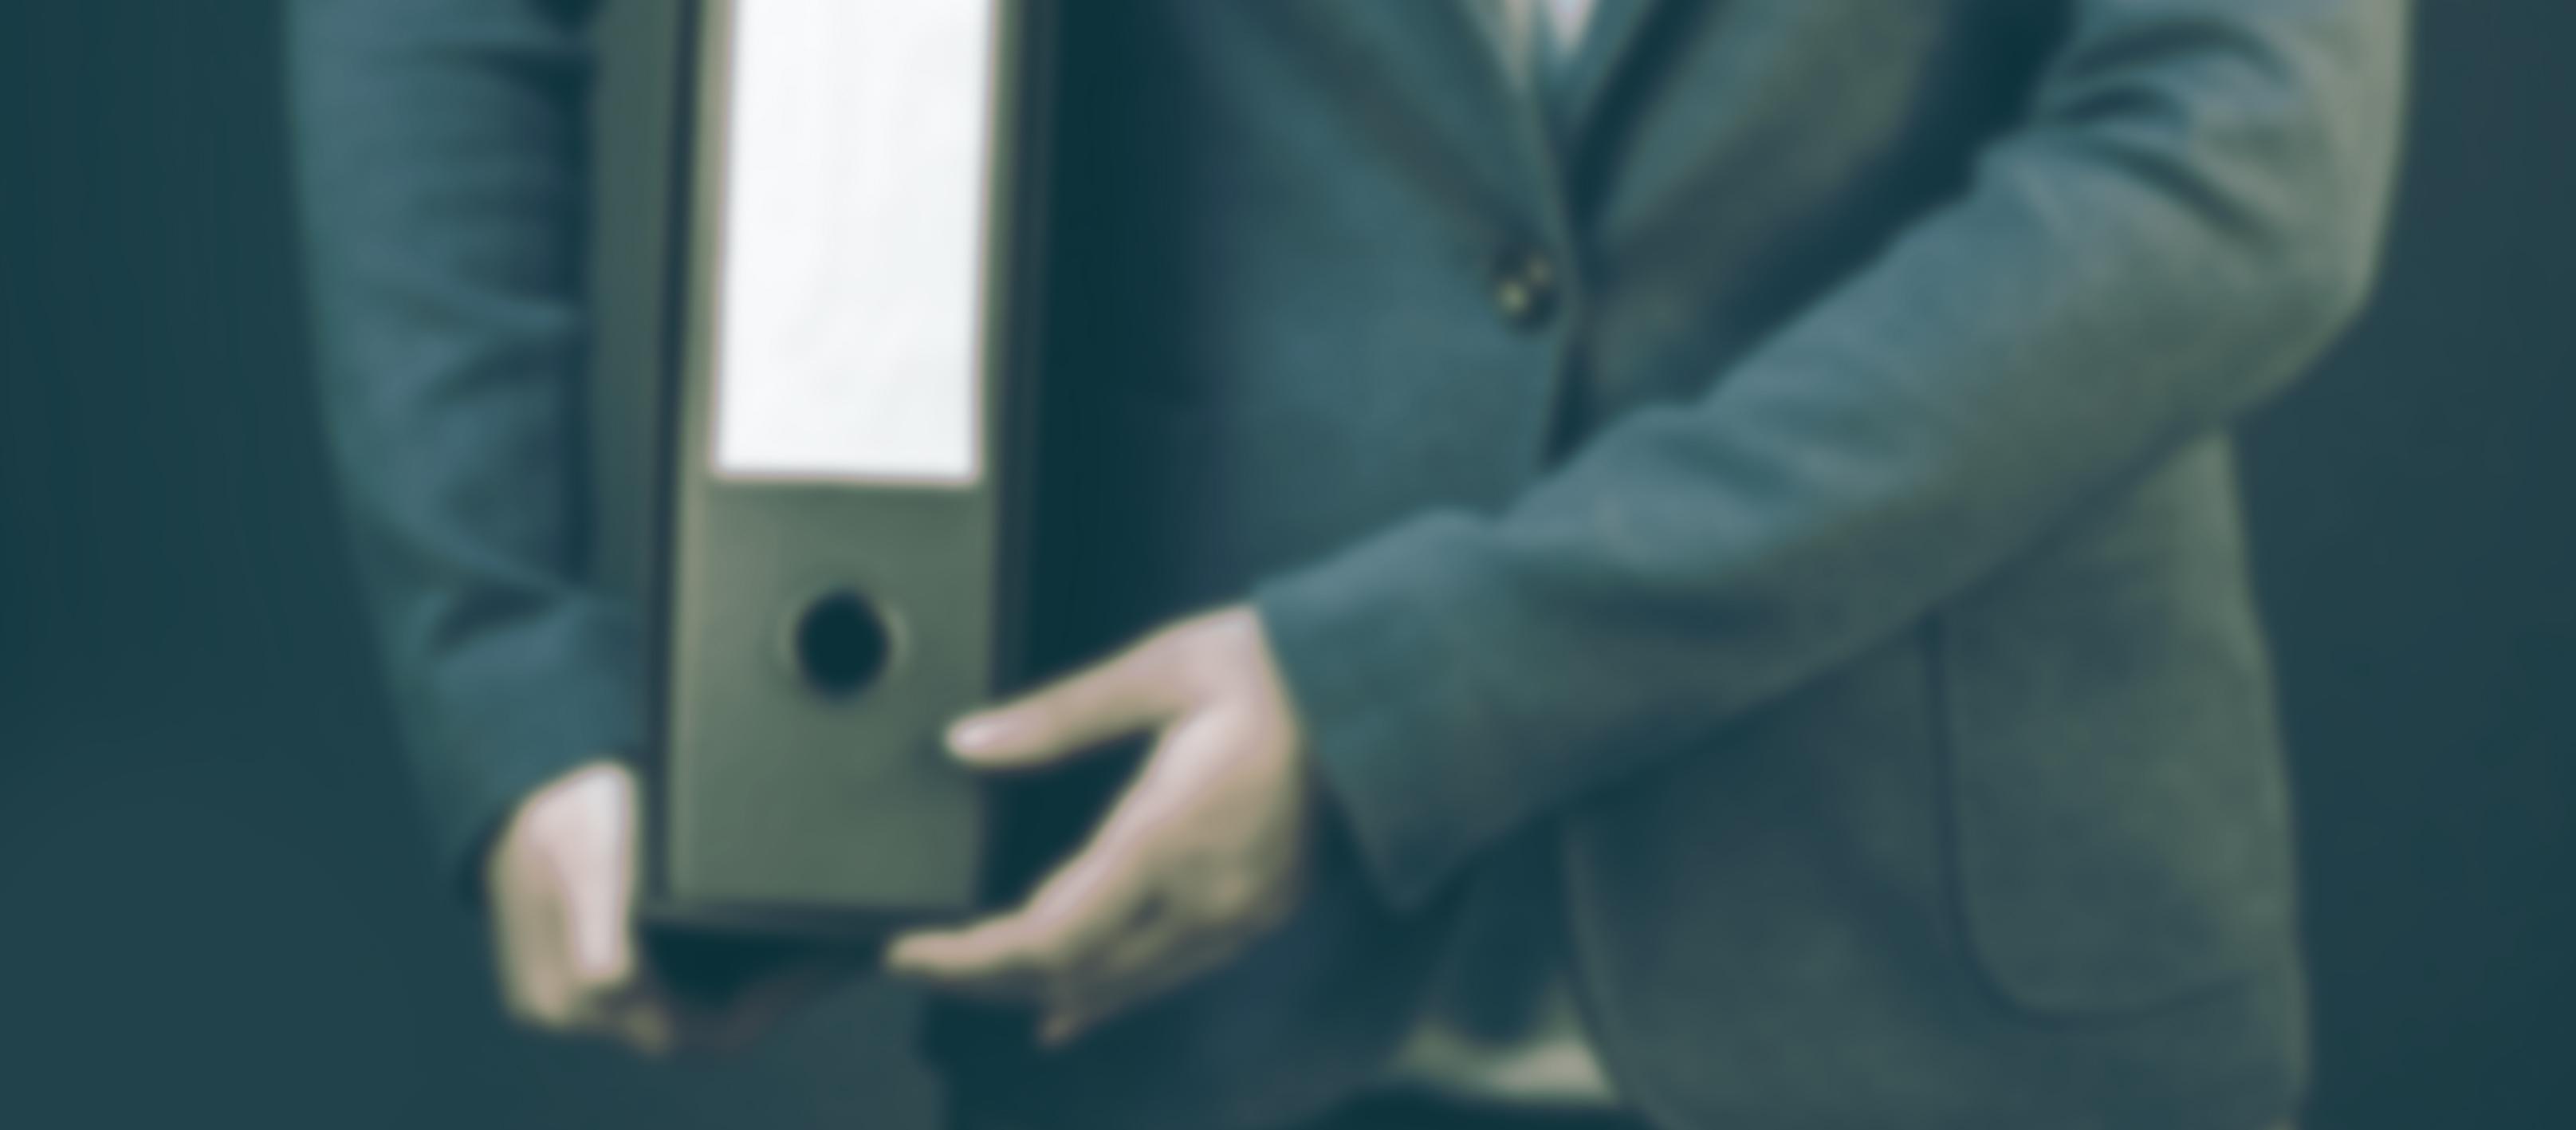 Кредиторы не имеют права списывать более 50% средств со счета заемщика на погашение